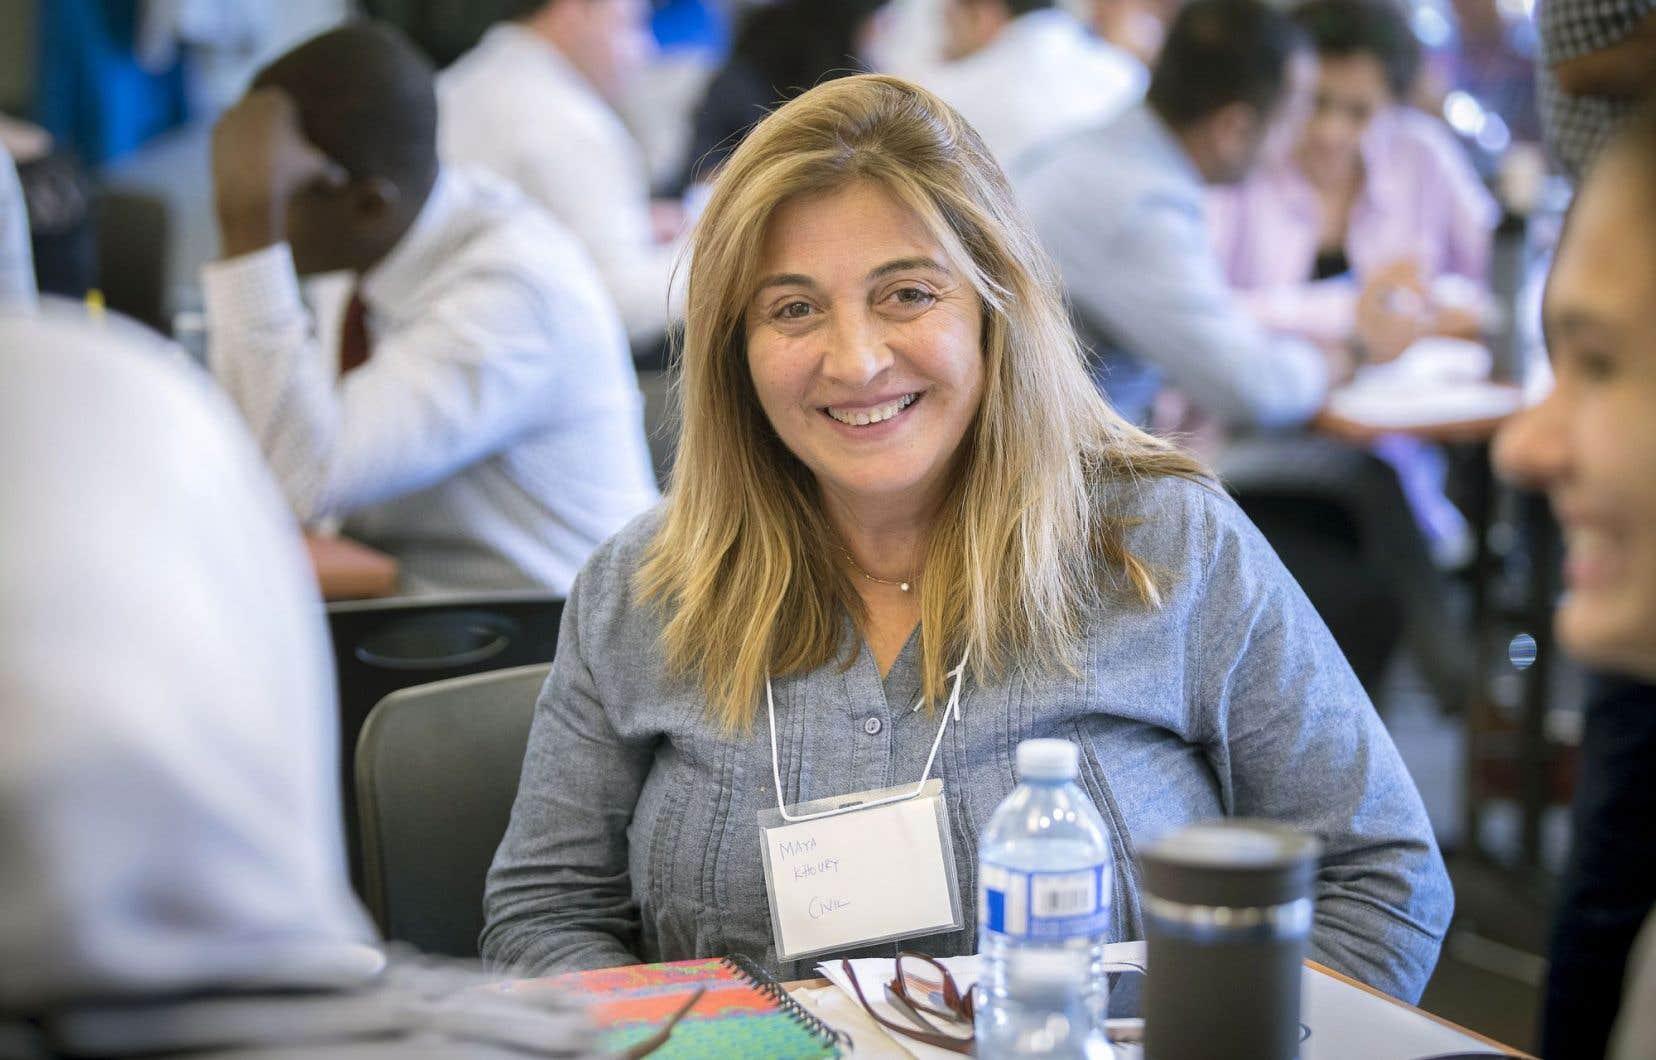 Maya Khoury était ingénieure dans son pays, la Syrie, qu'elle a dû fuir. À l'aube de la cinquantaine elle doit réorganiser sa vie au Canada.